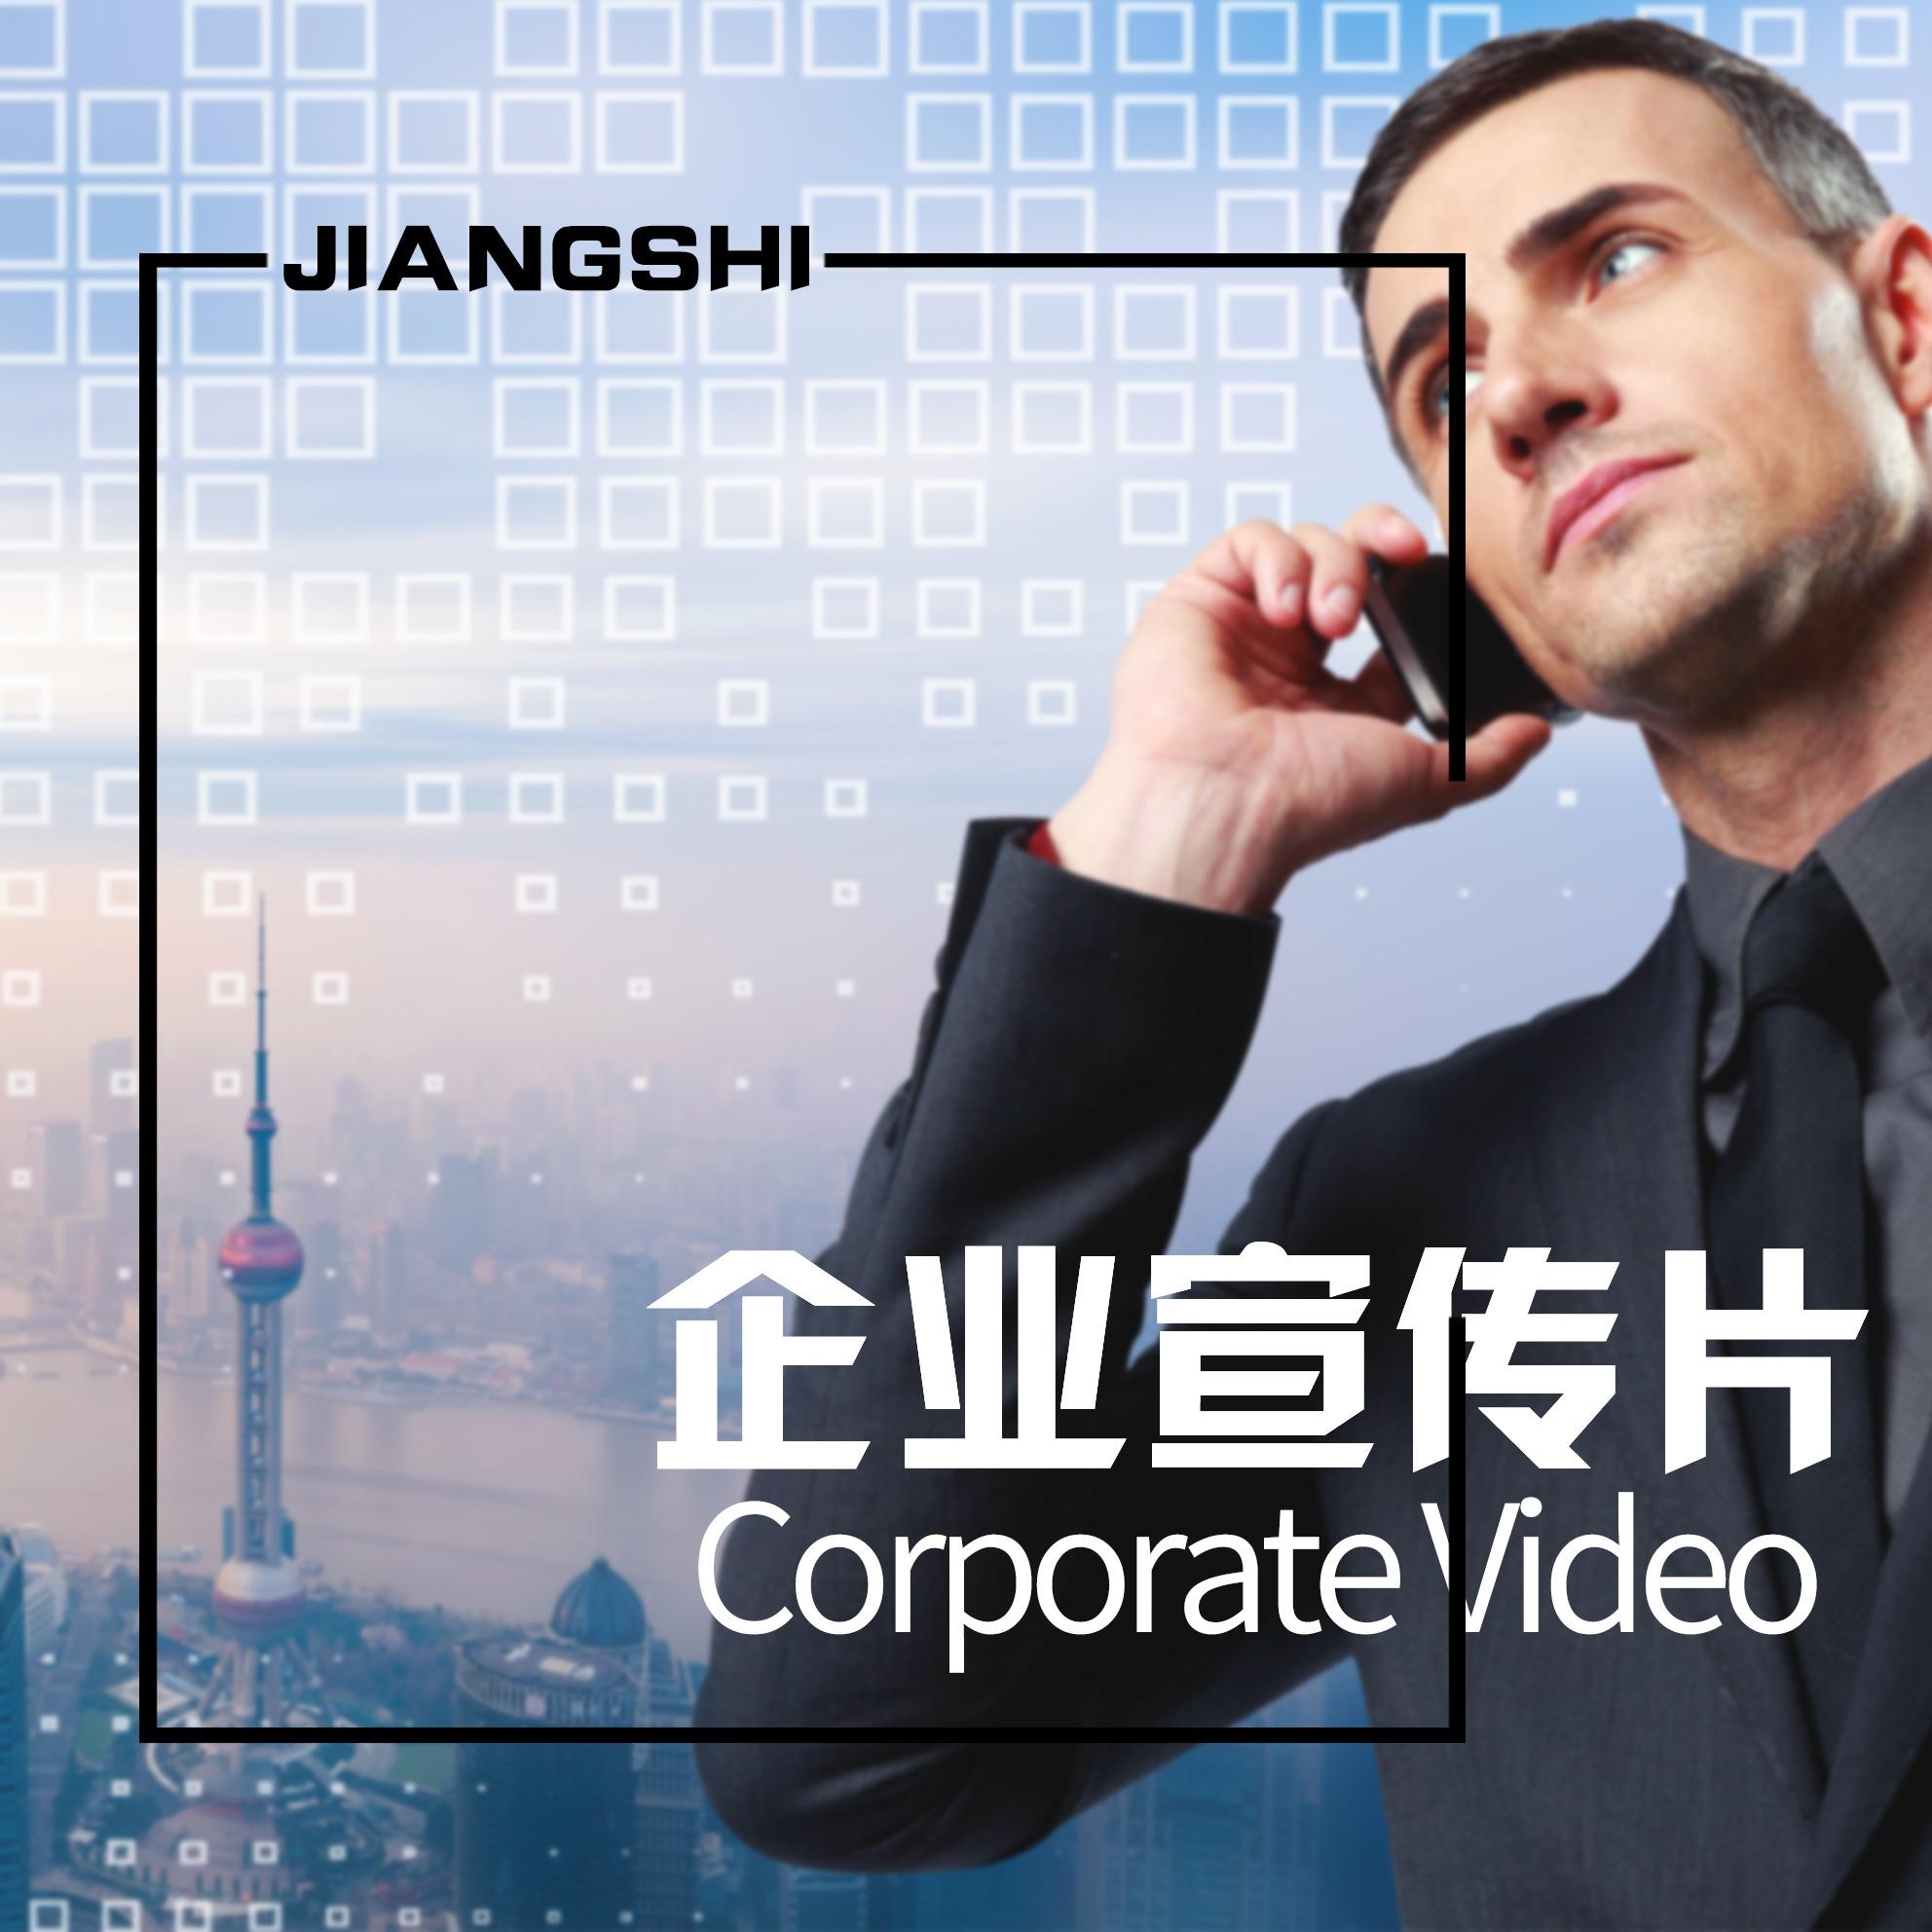 企业宣传片/品牌形像片视频/记录片公益采访广告/营销视频推广